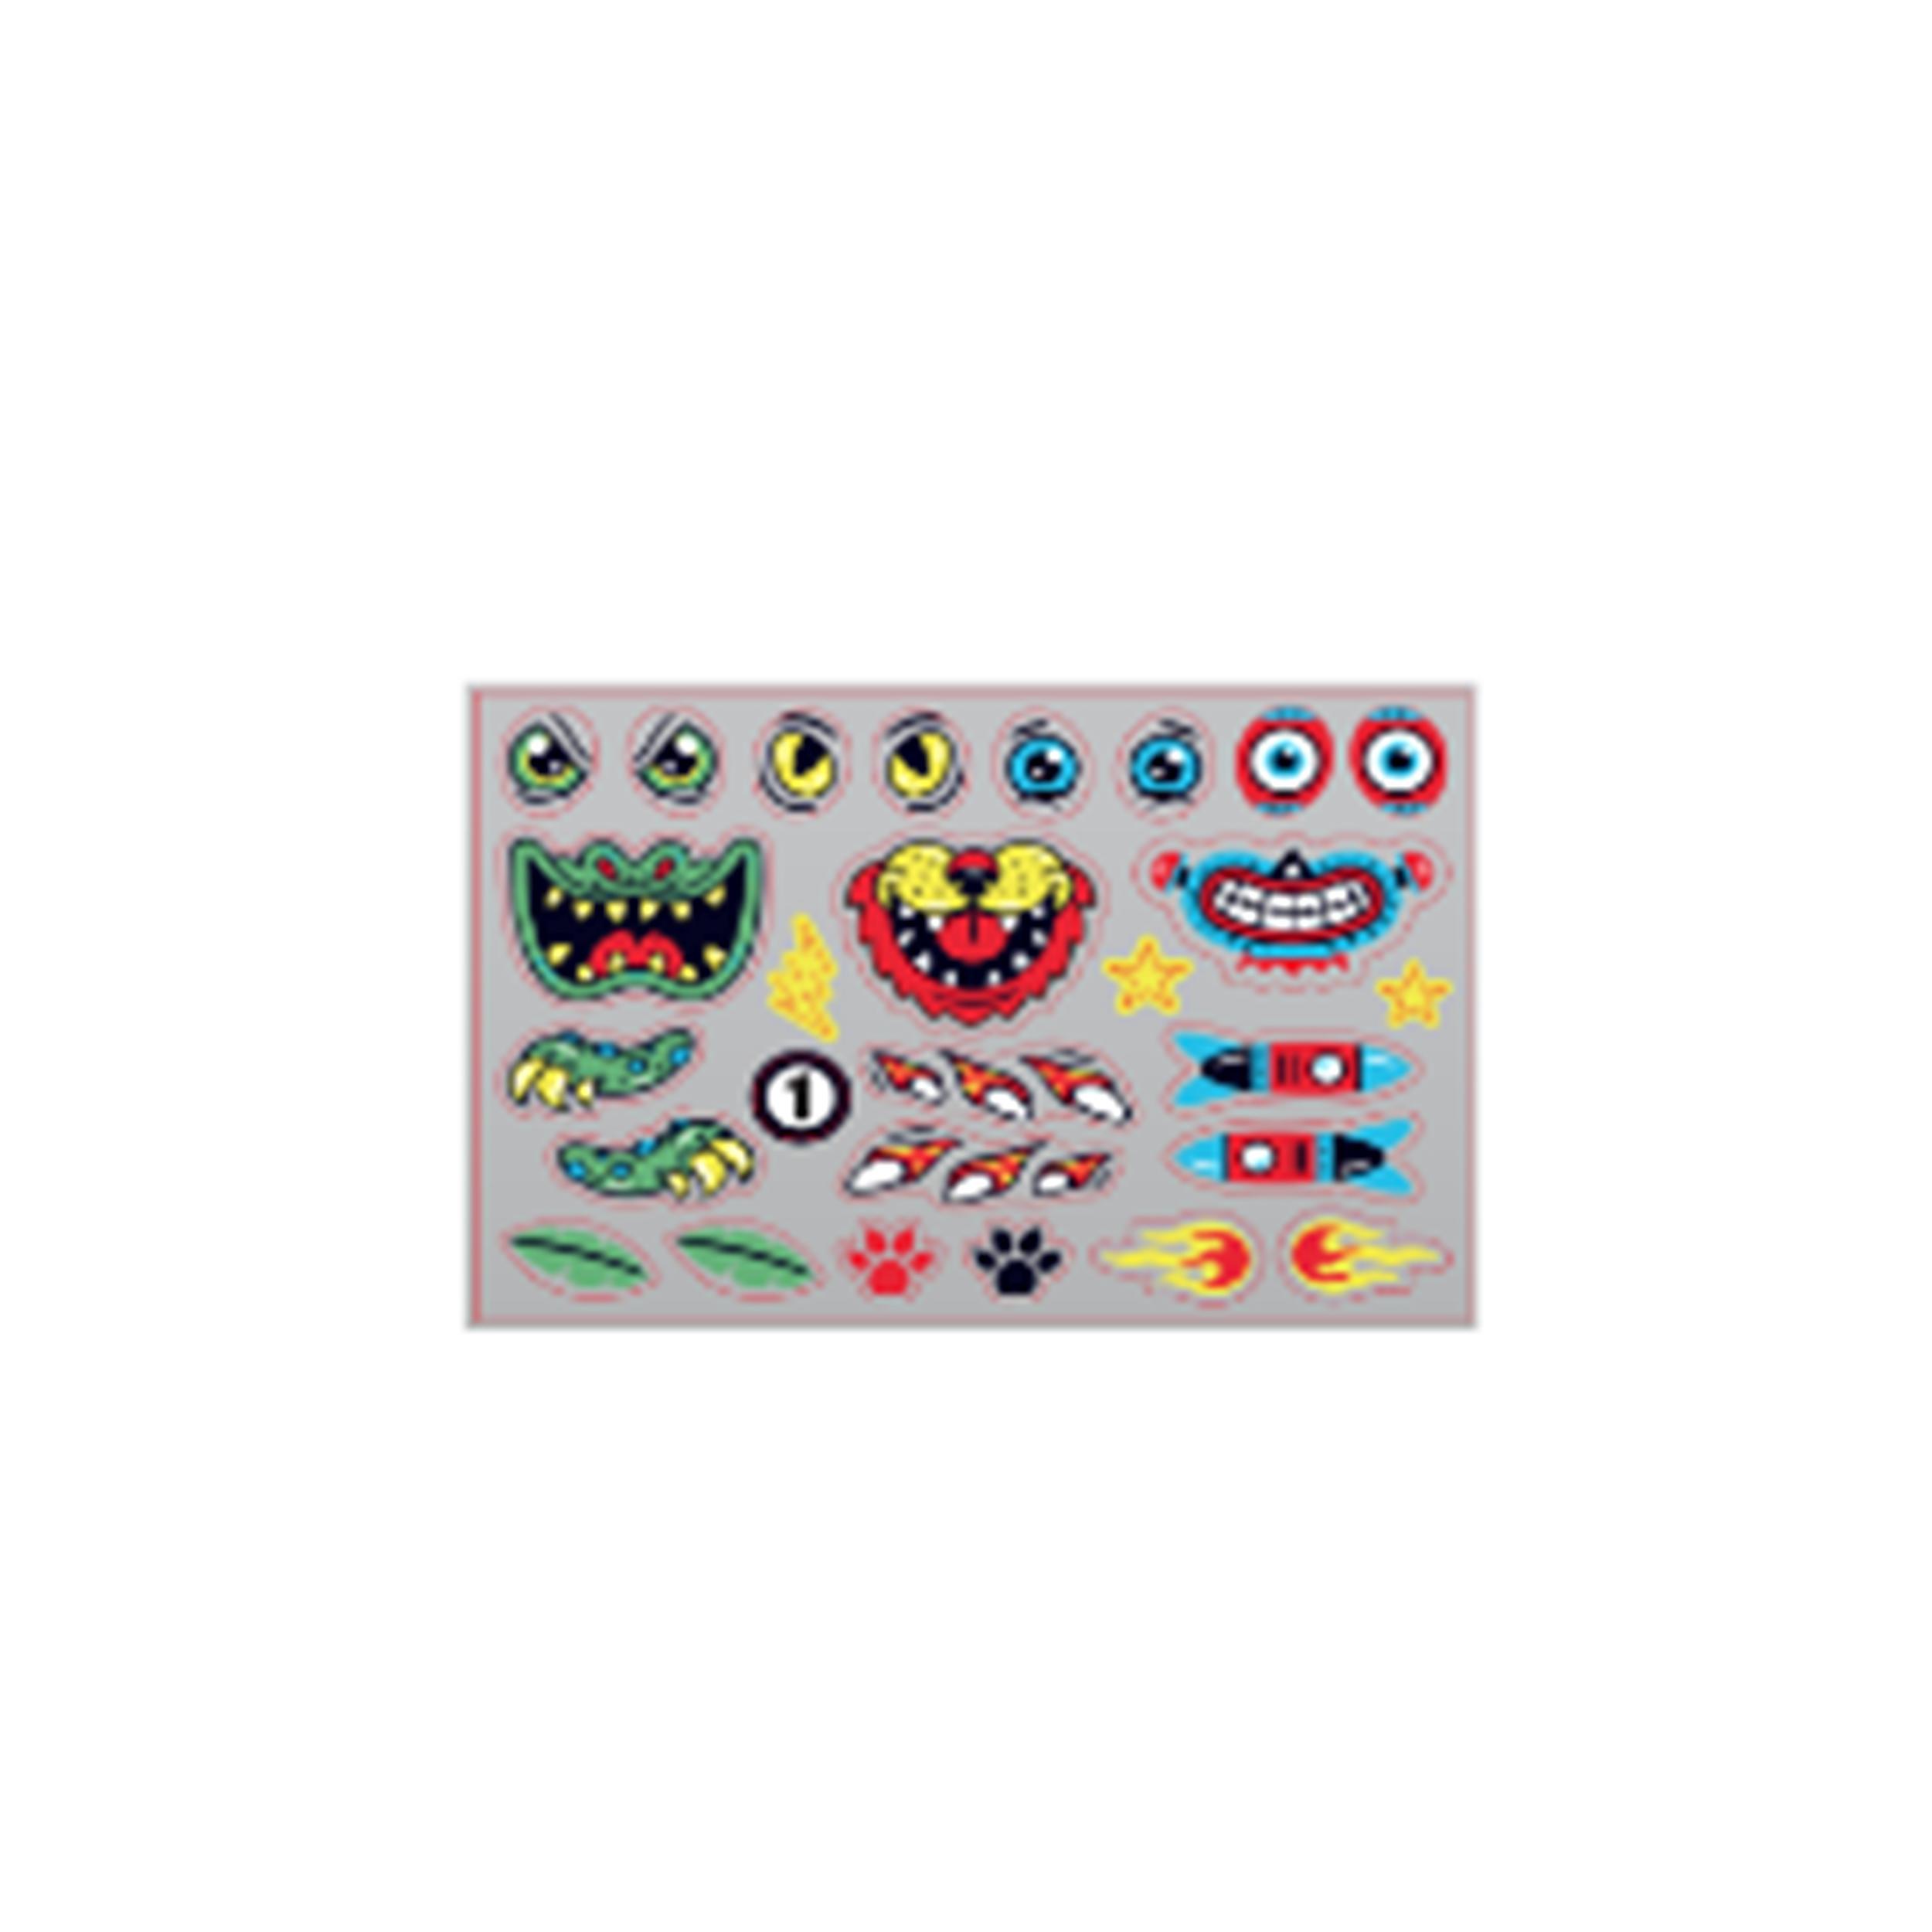 Stickere Oxelo B1 imagine